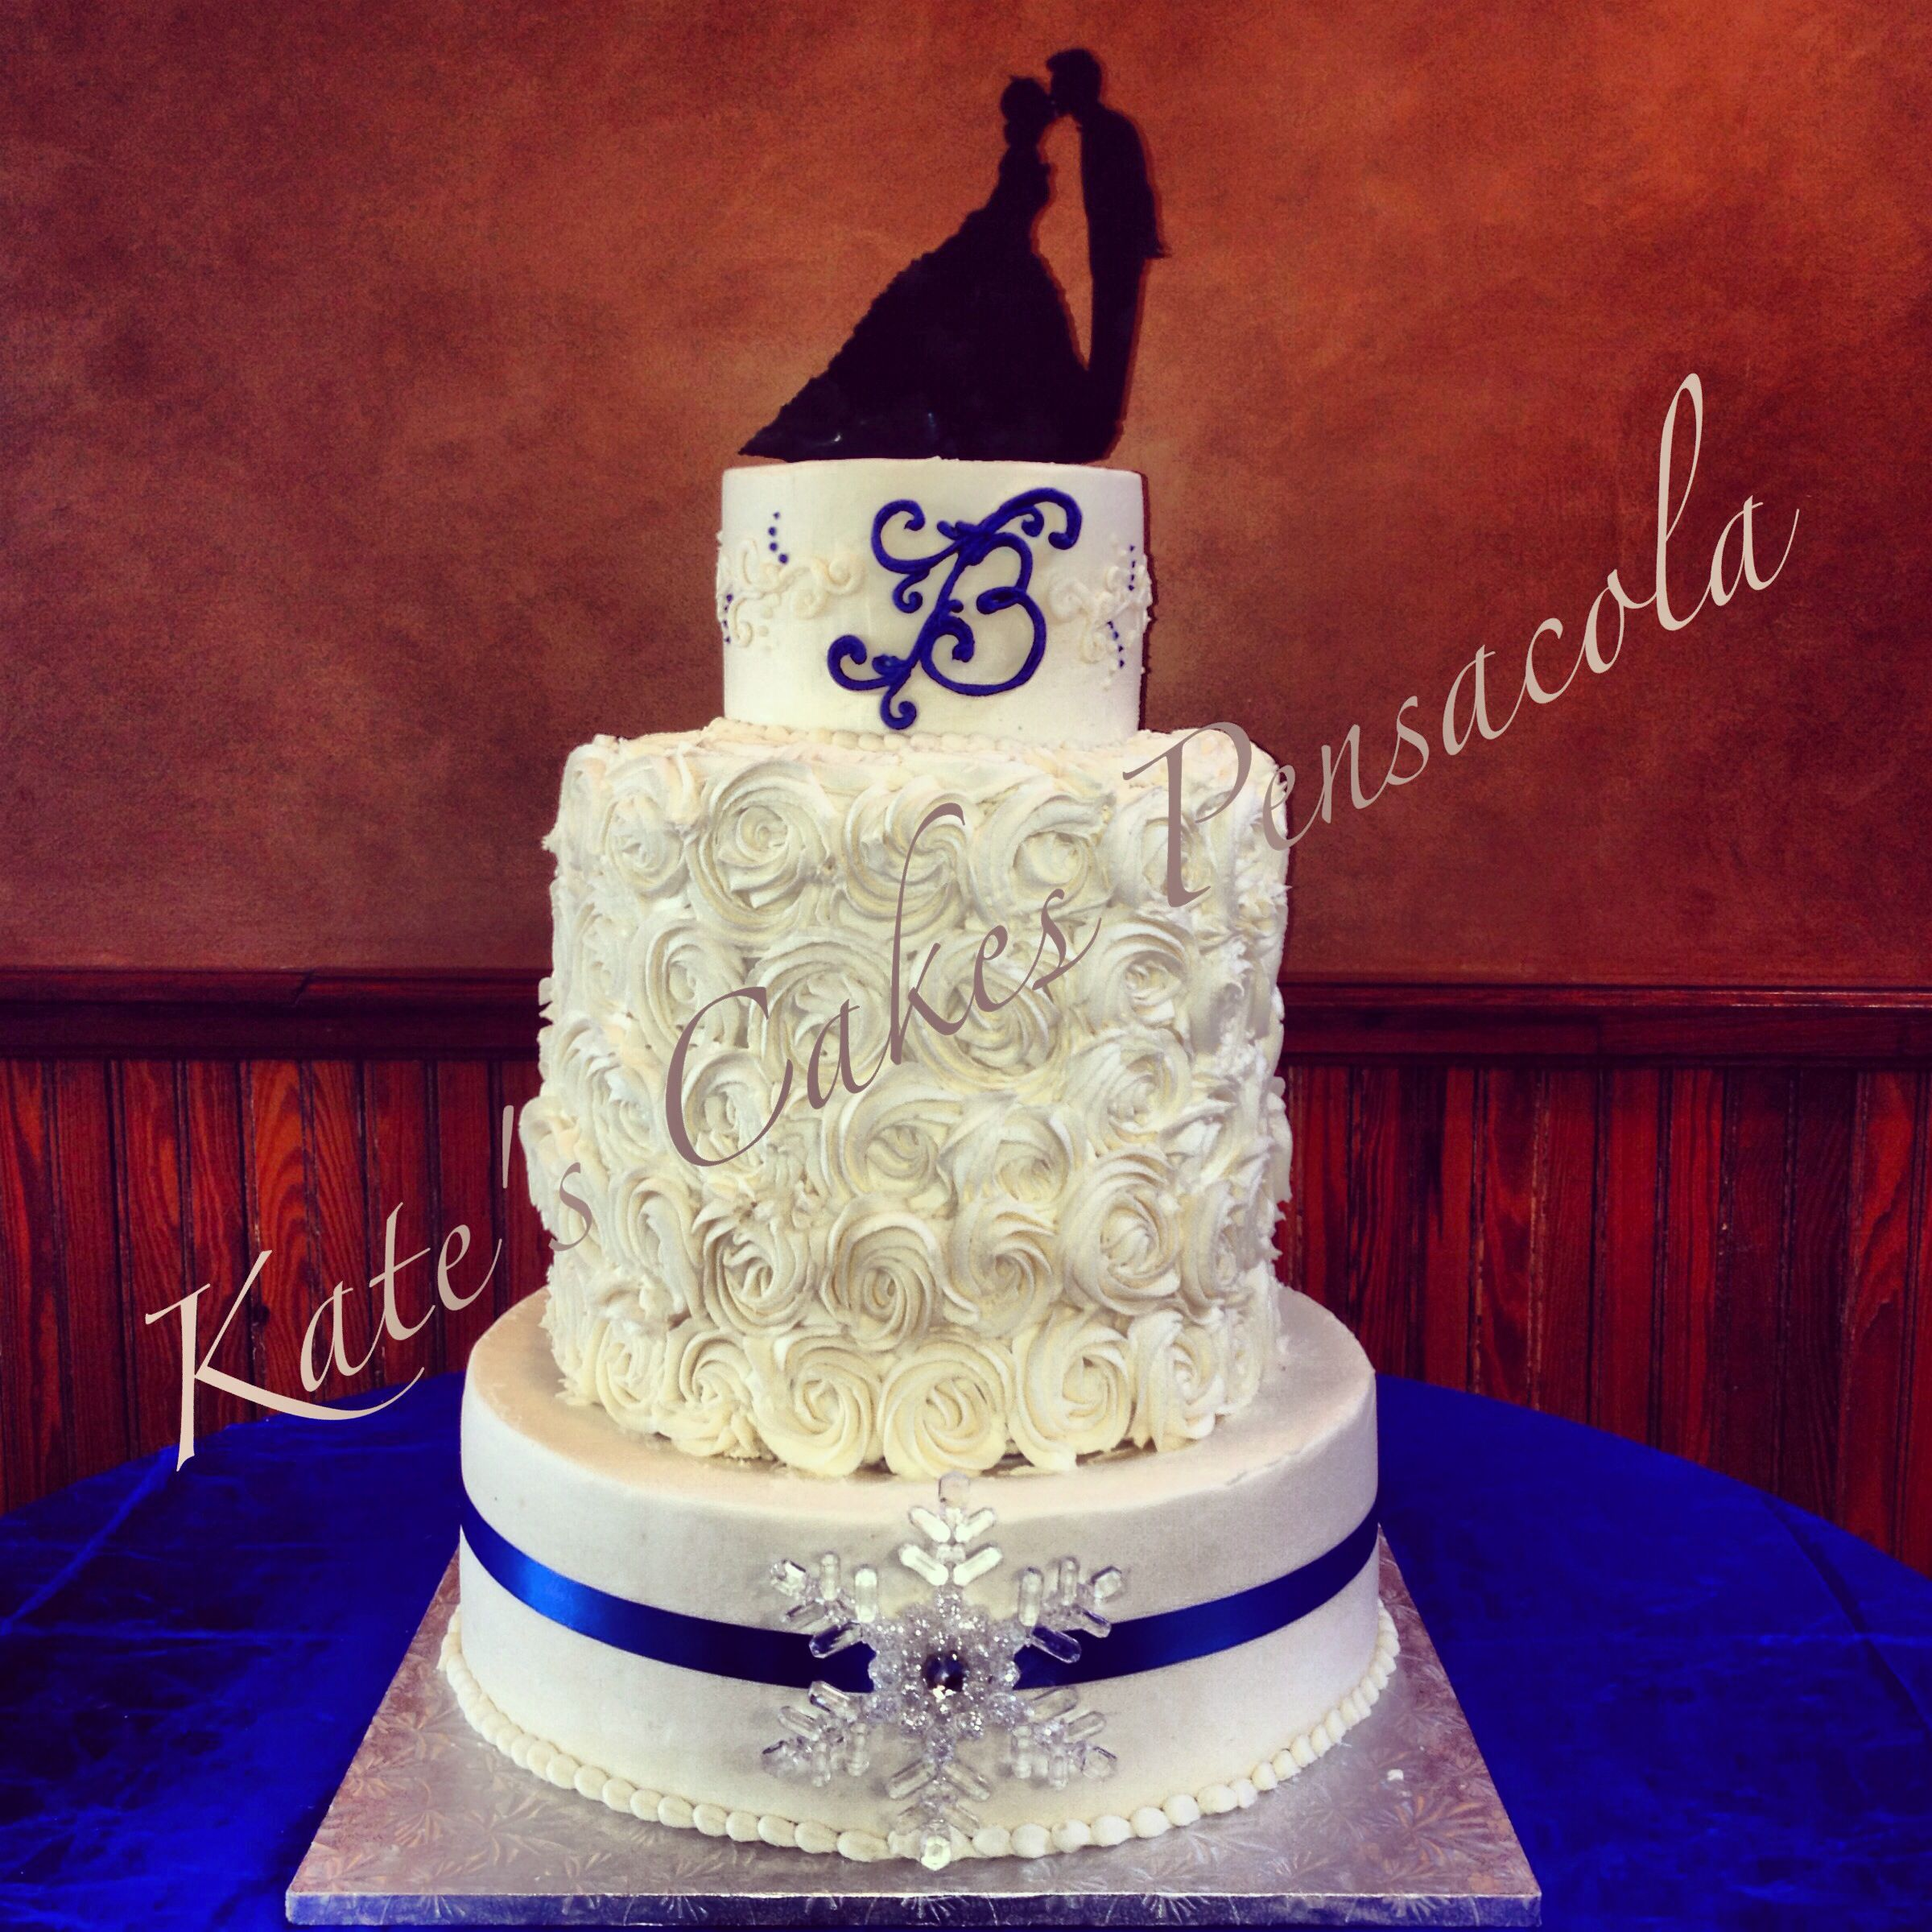 Winter wedding cake Rosettes Silhouette topper